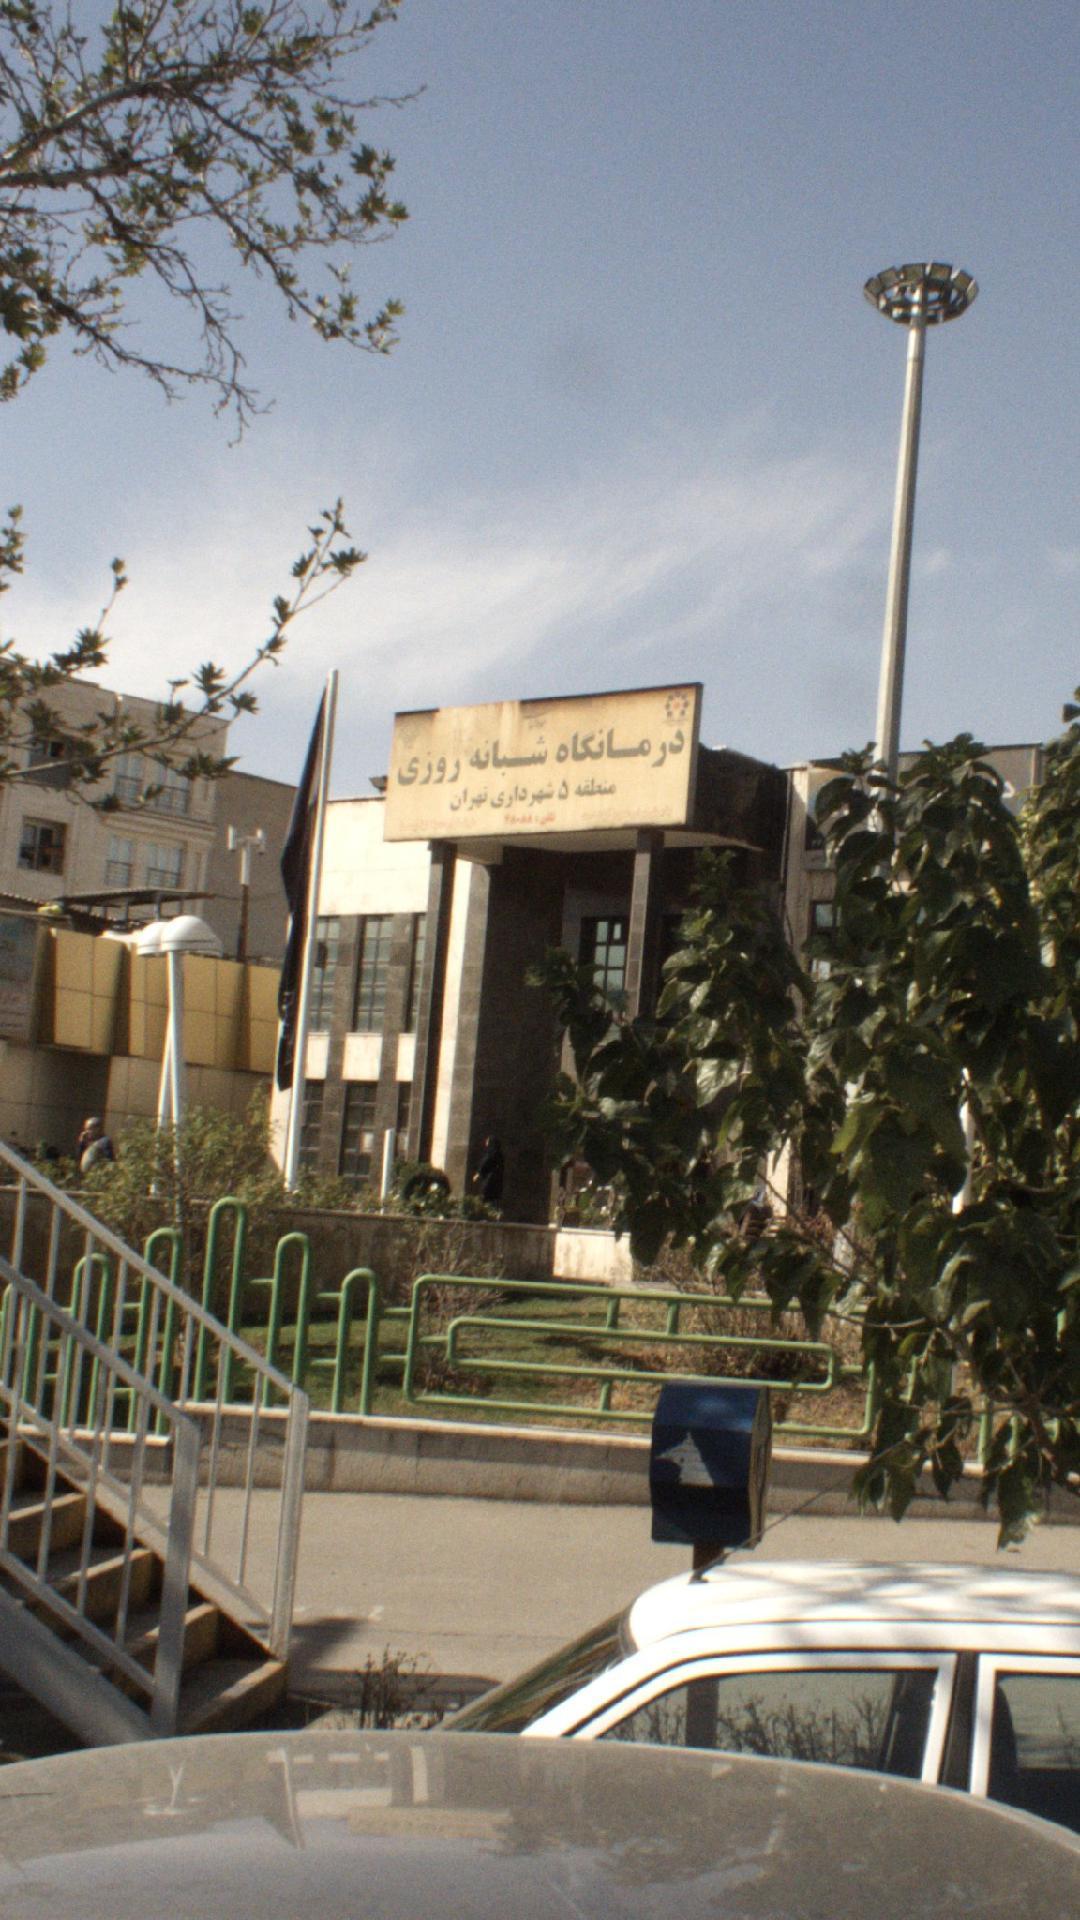 درمانگاه شبانهروزی شهرداری منطقه ۵ تهران